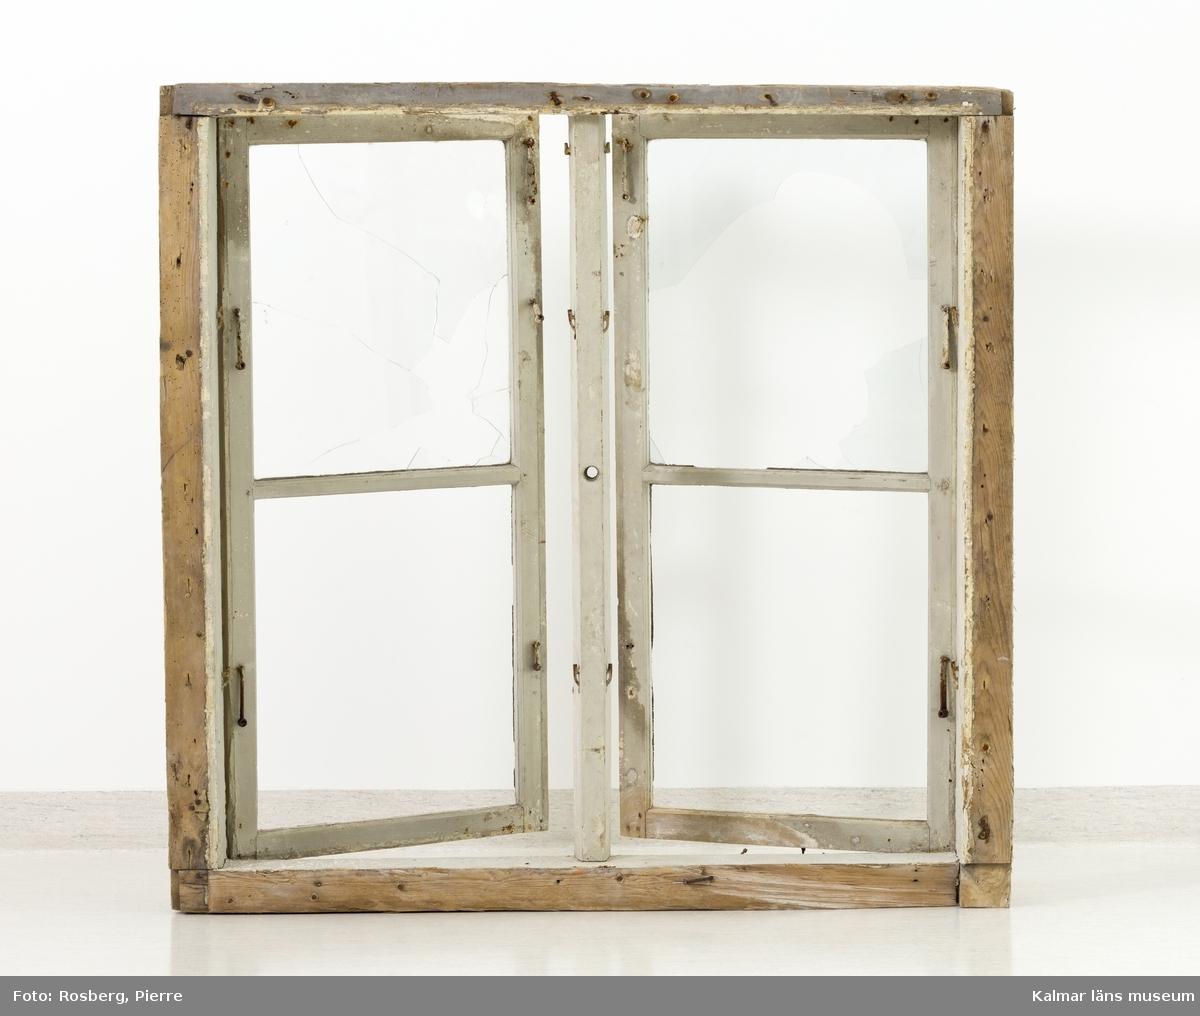 KLM 45928:2. Fönster. Tvåluftsfönster med grå- och vitmålad fönsterbåge och karm. Fönsterfodret saknas, tre vitmålade lister som på fönstrets utsida omgivit fodret finns sparade. Fönsterrutorna är spruckna och delar saknas. Glaset är ofärgat. På fönstrets utsida två stycken rödfärgade fönsterluckor med handsmidda beslag av järn. Dessa är på insidan vitmålade. Luckorna består av en ram med två speglar, varav den övre har en utsågad blomma. Ena fönsterluckan saknar den nedre spegeln.